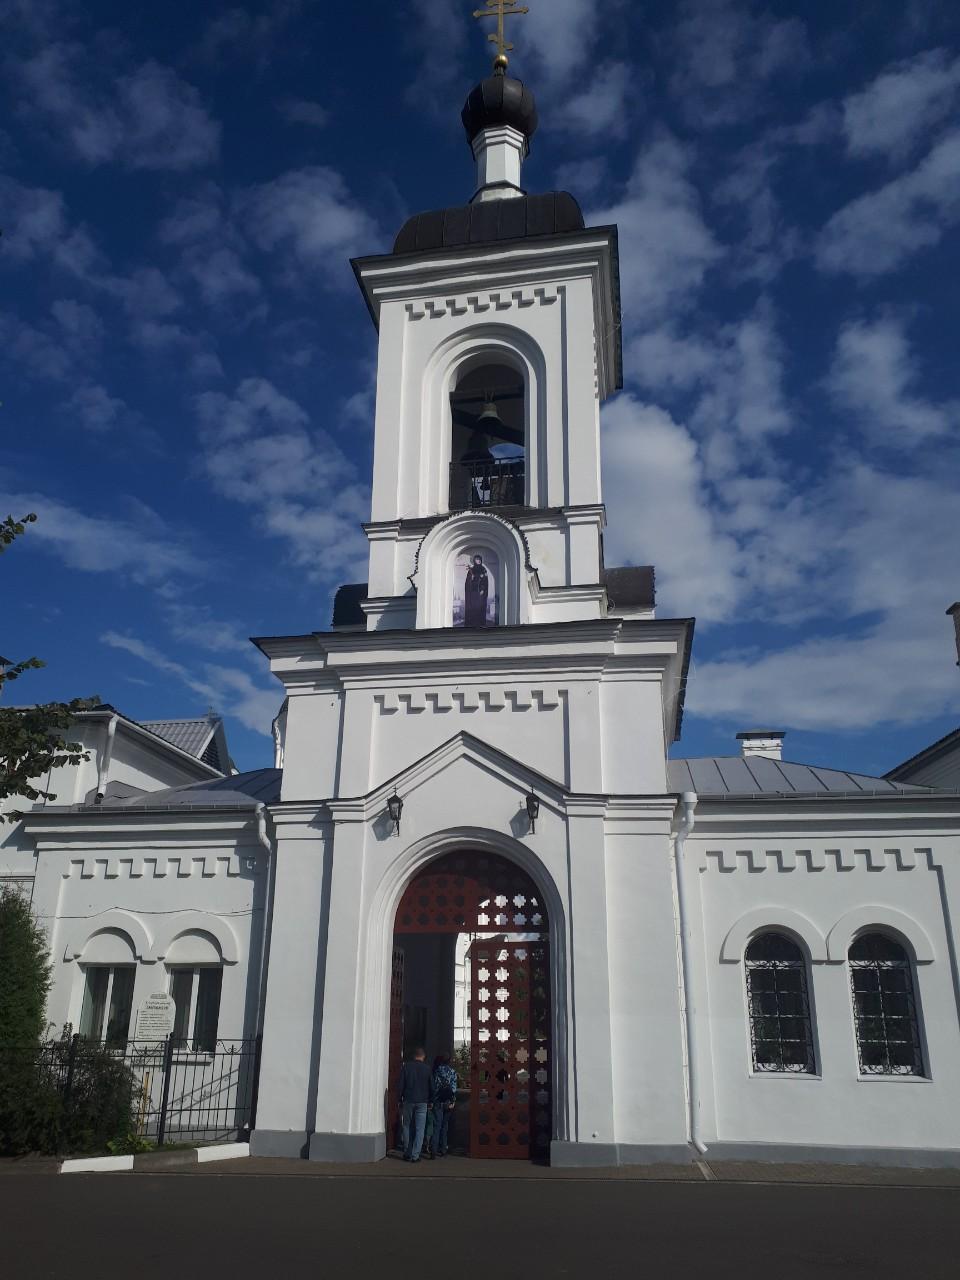 image 0 02 04 aa9484d6292bc134ec19e0ee72a68fab495308edd472b9add48346aeb02ef642 V - Спасо-Евфросиниевский монастырь в Полоцке